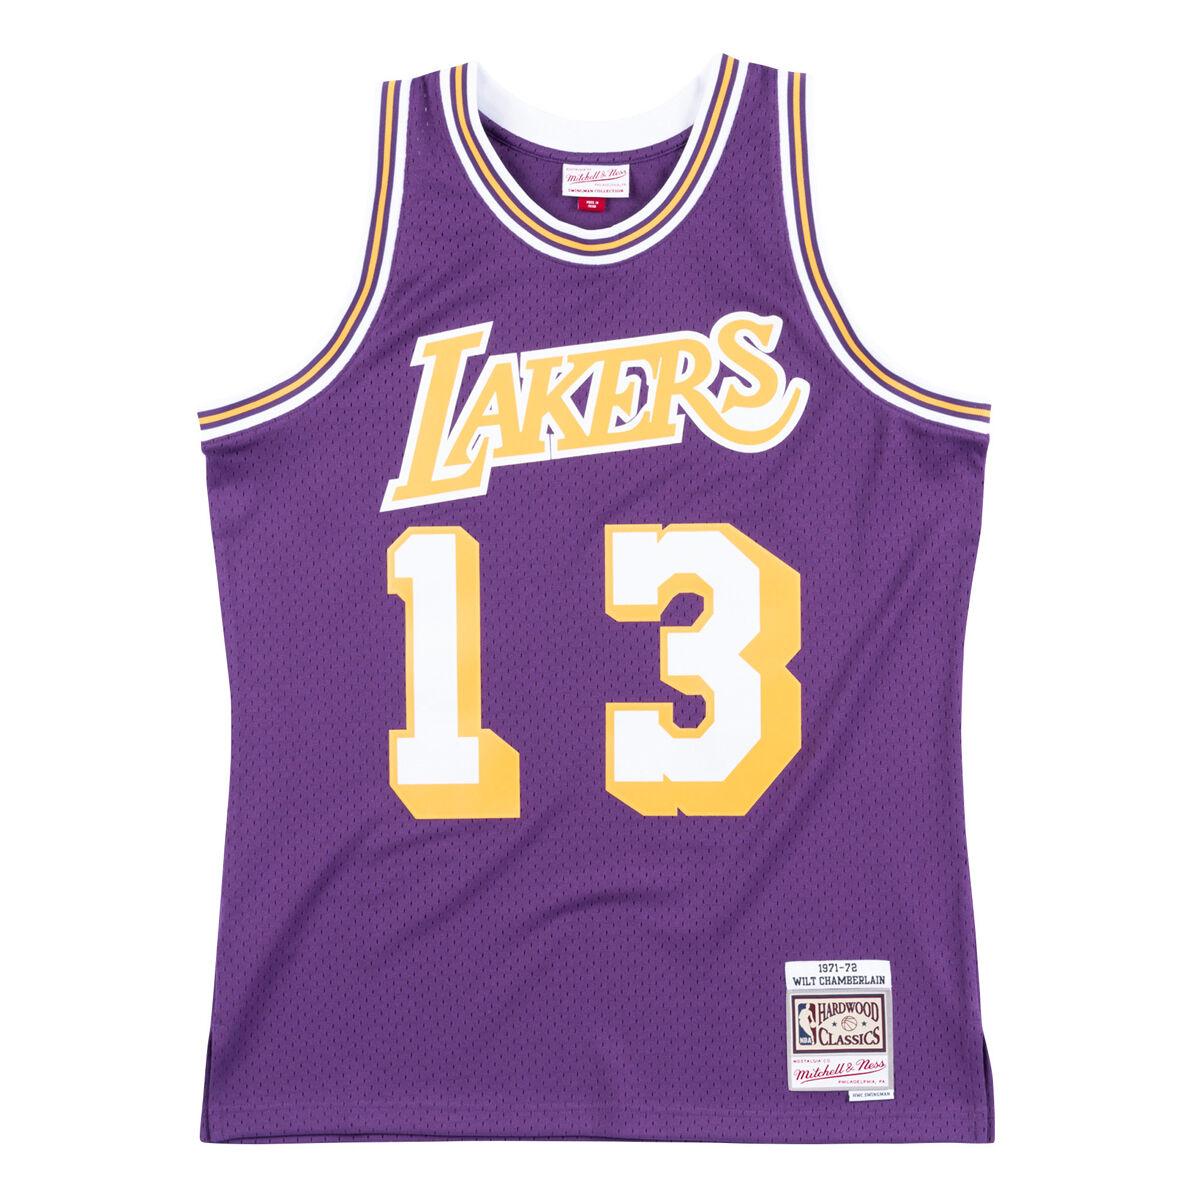 Los Angeles Lakers Merchandise rebel